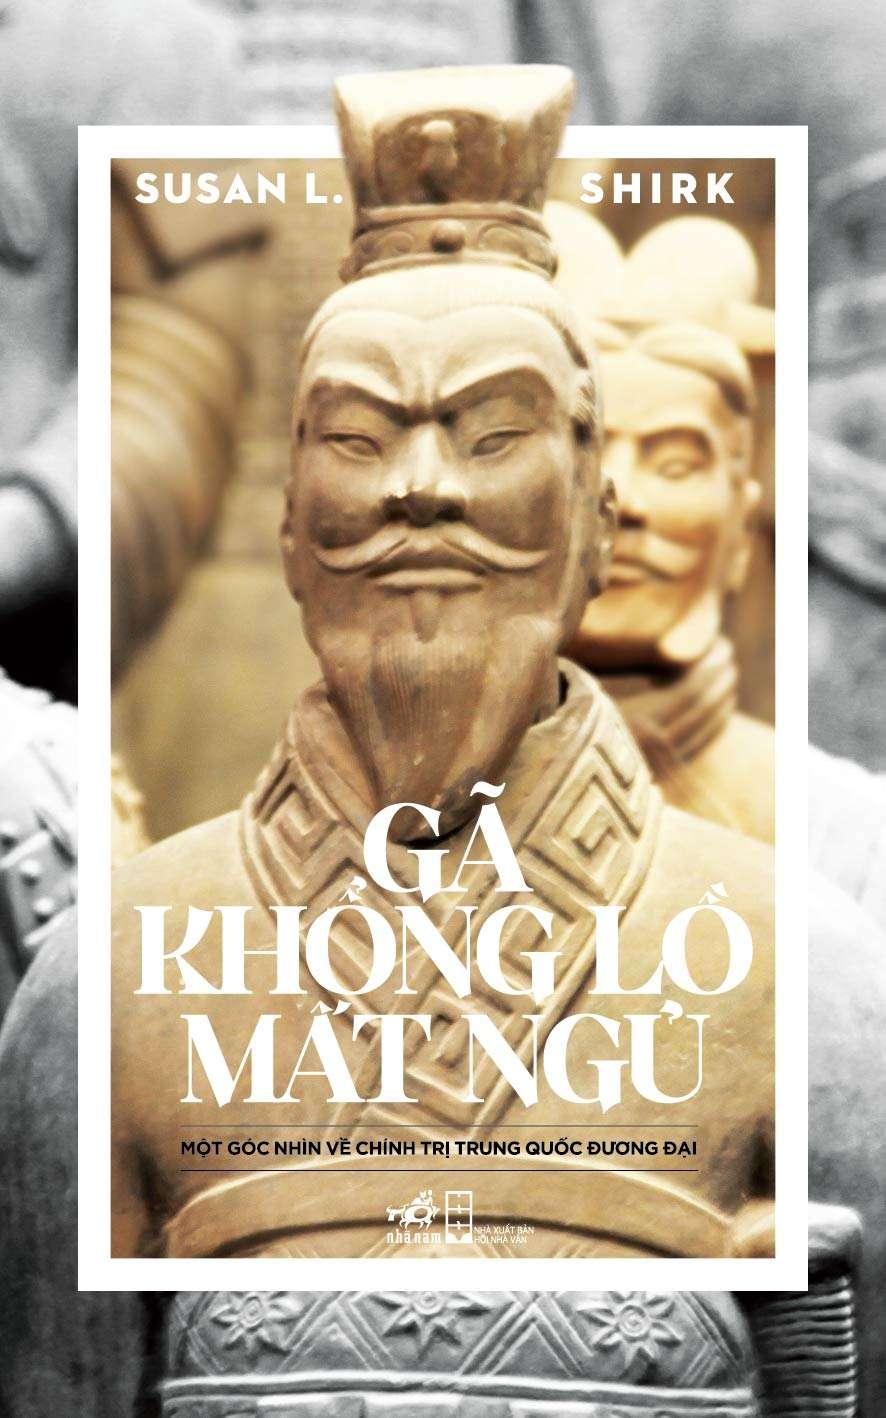 sach ga khong lo mat ngu 14 quyển sách hay về chính trị có tầm ảnh hưởng nhất mọi thời đại